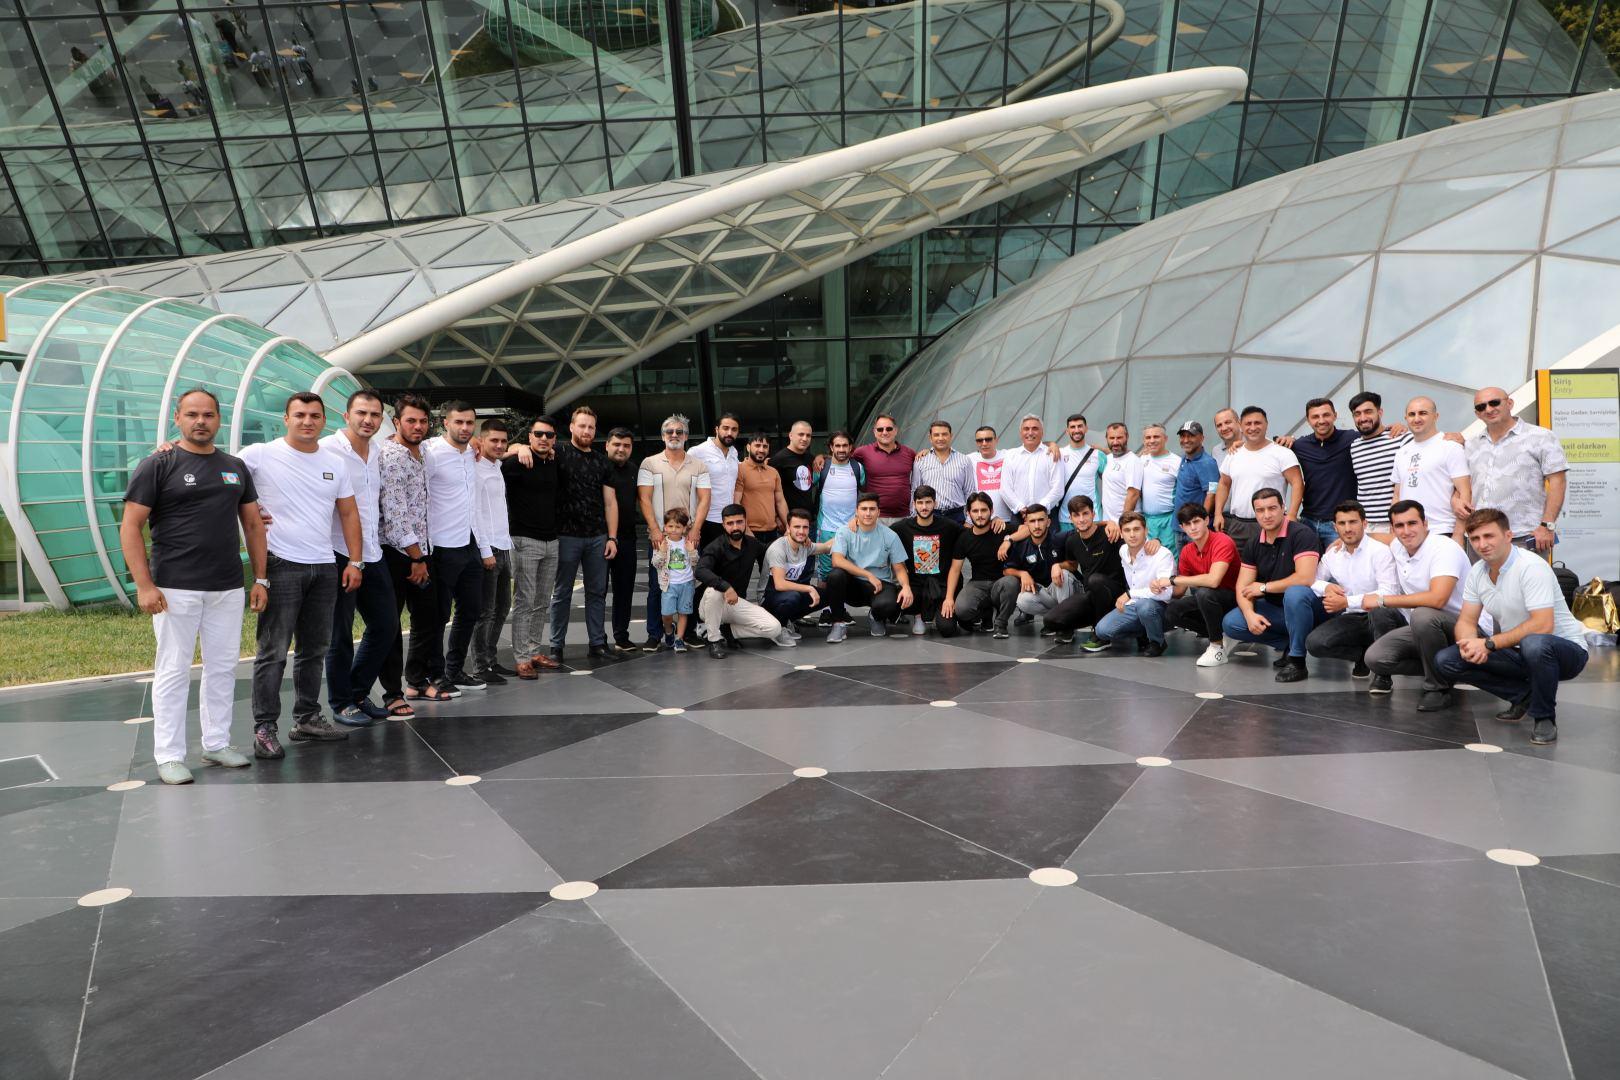 Azərbaycan karateçiləri Tokioya Yay Olimpiya Oyunlarına yollanıblar (FOTO)